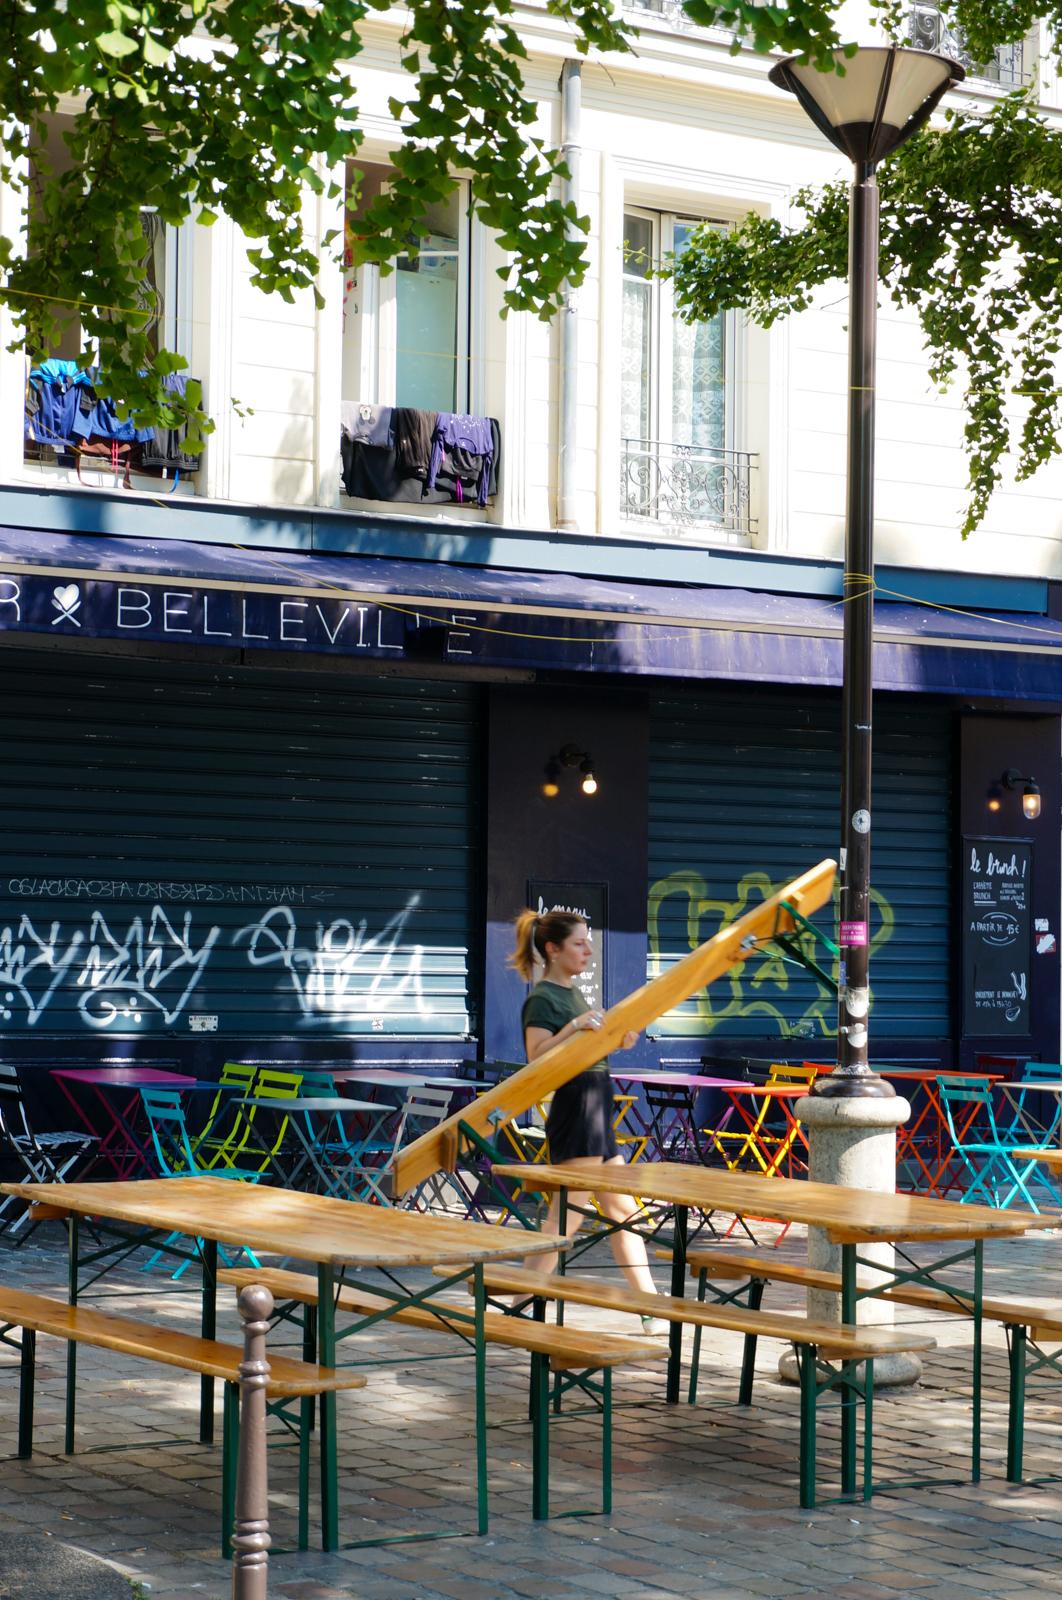 belleville, impasses secrètes paris, impasses paris 20, paris caché, paris secret, paris vert, paris village, paris différent, moncoeur belleville, terrasse belleville